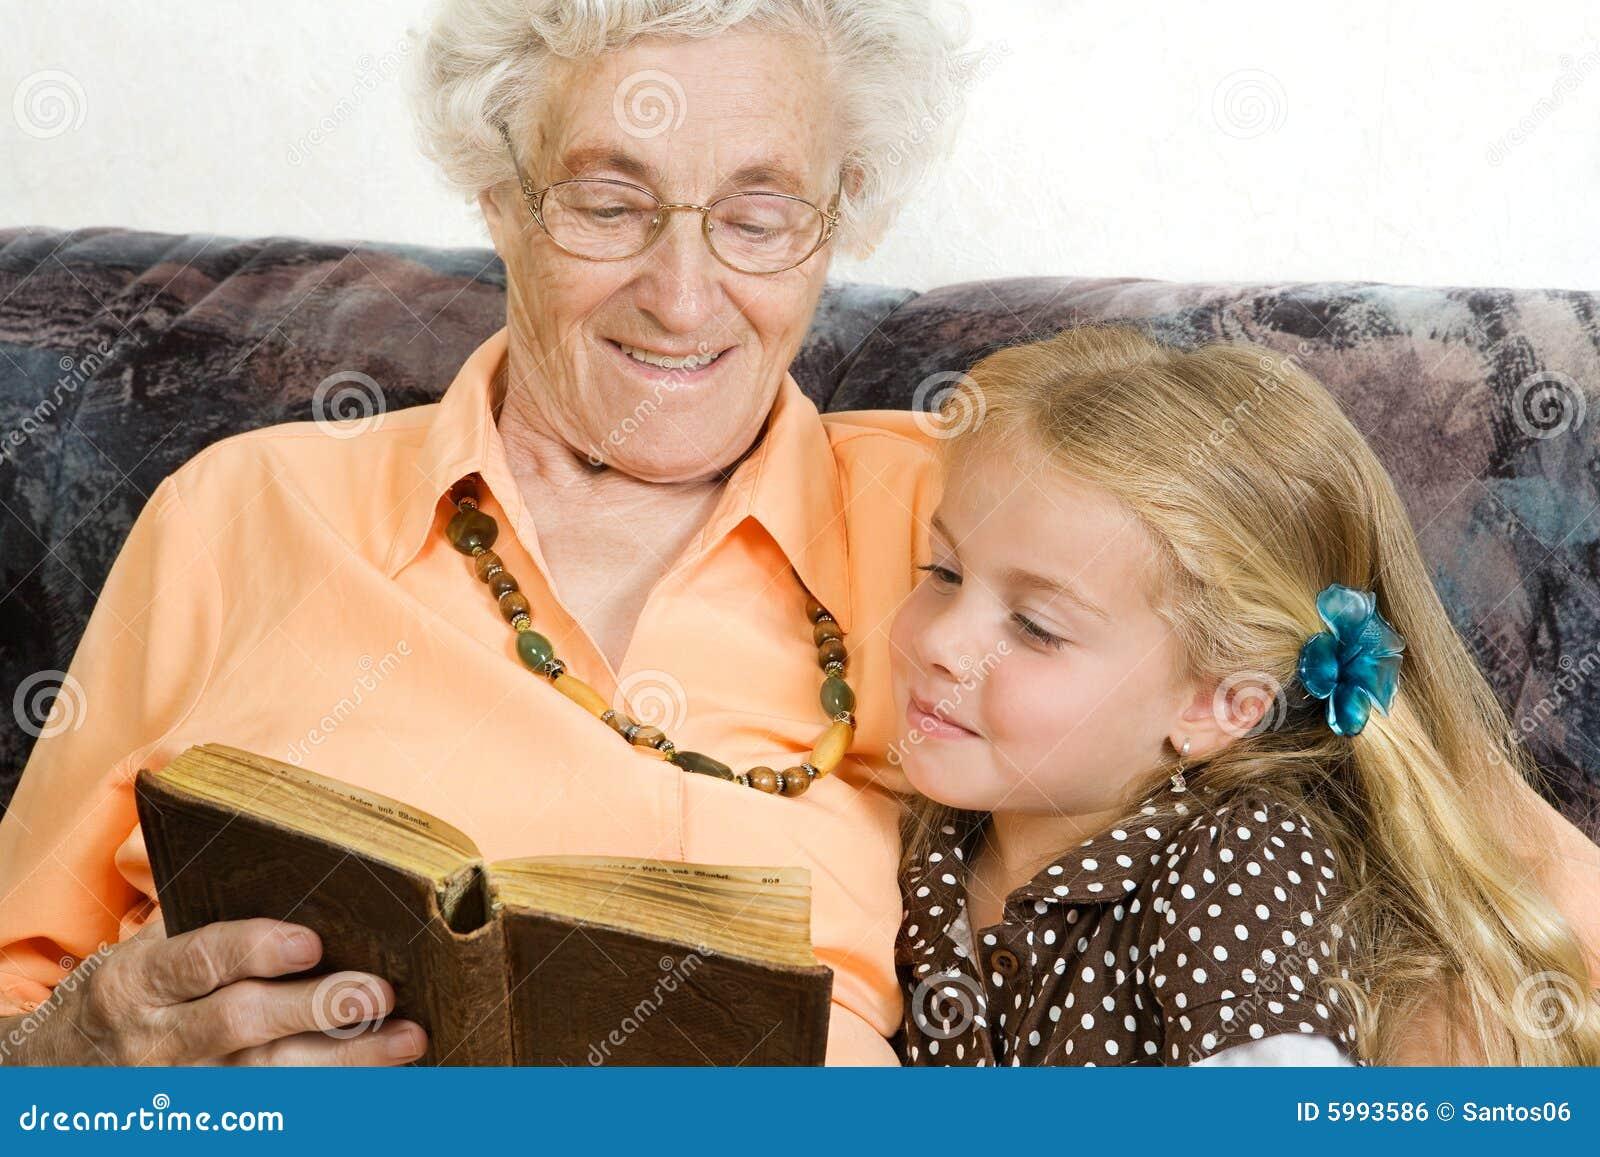 Прочитать рассказ бабушка и внук 11 фотография